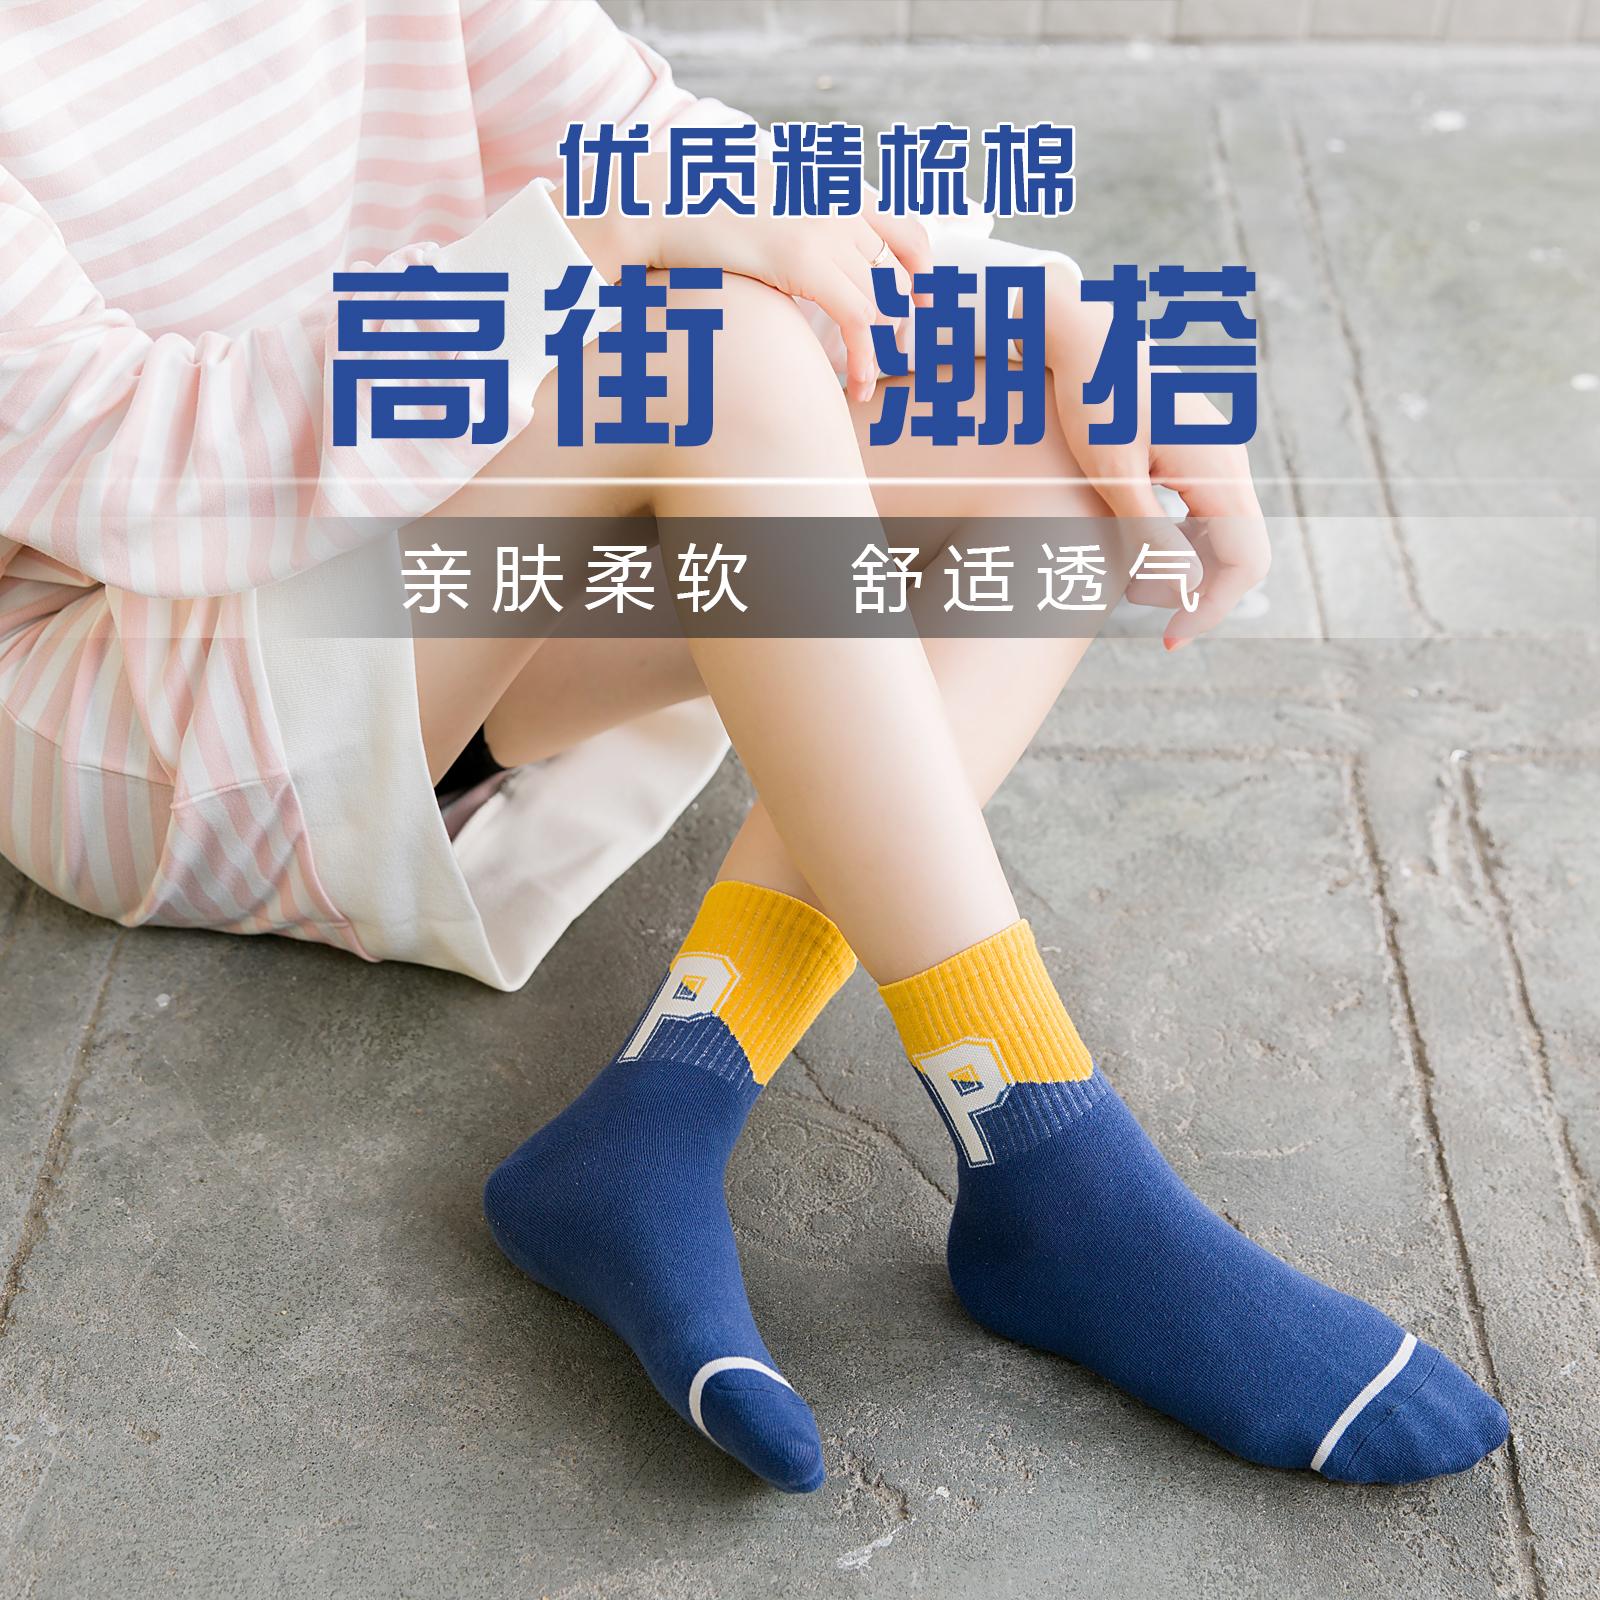 中筒袜女韩国ulzzang学院风运动滑板袜潮流日系情侣纯棉学生百搭